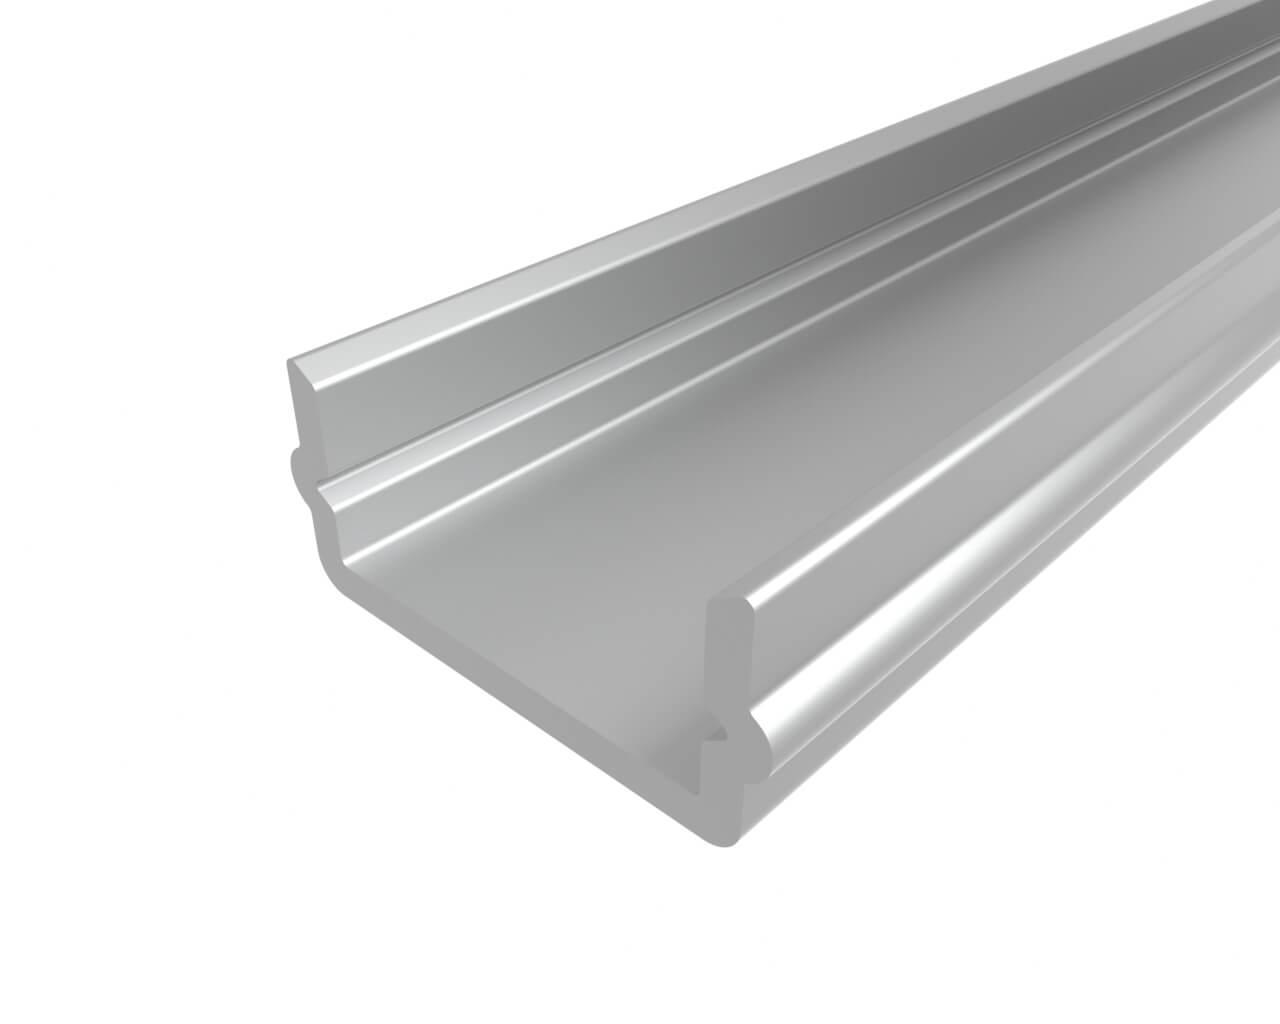 Профиль накладной алюминиевый LC-LP-0616-2 Anod